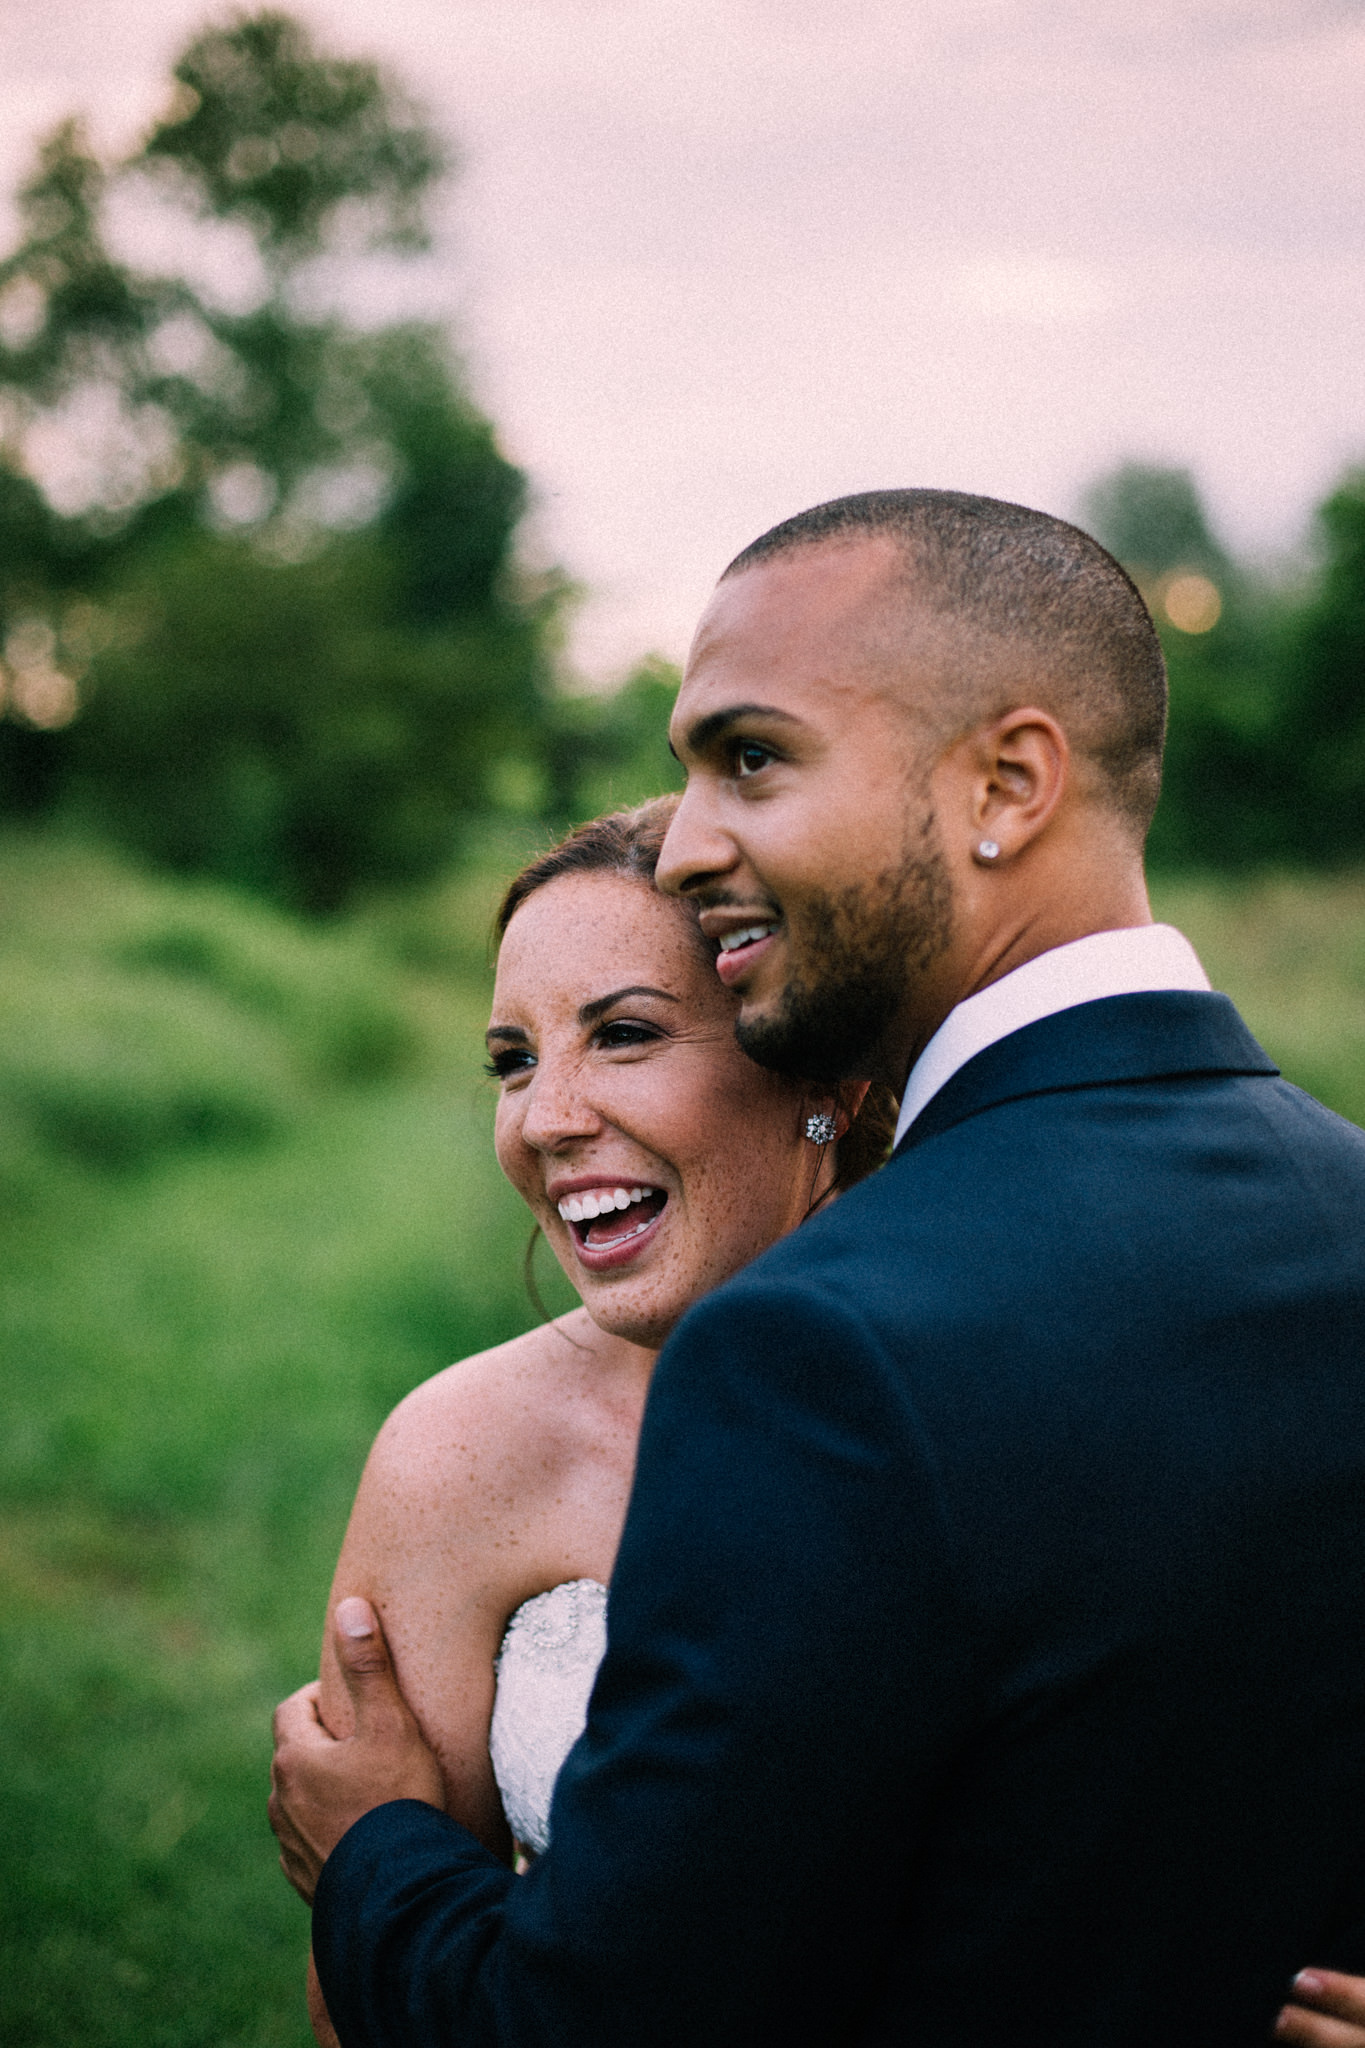 Orillia summer wedding at Northbrook Farms by Max Wong Photo (36)